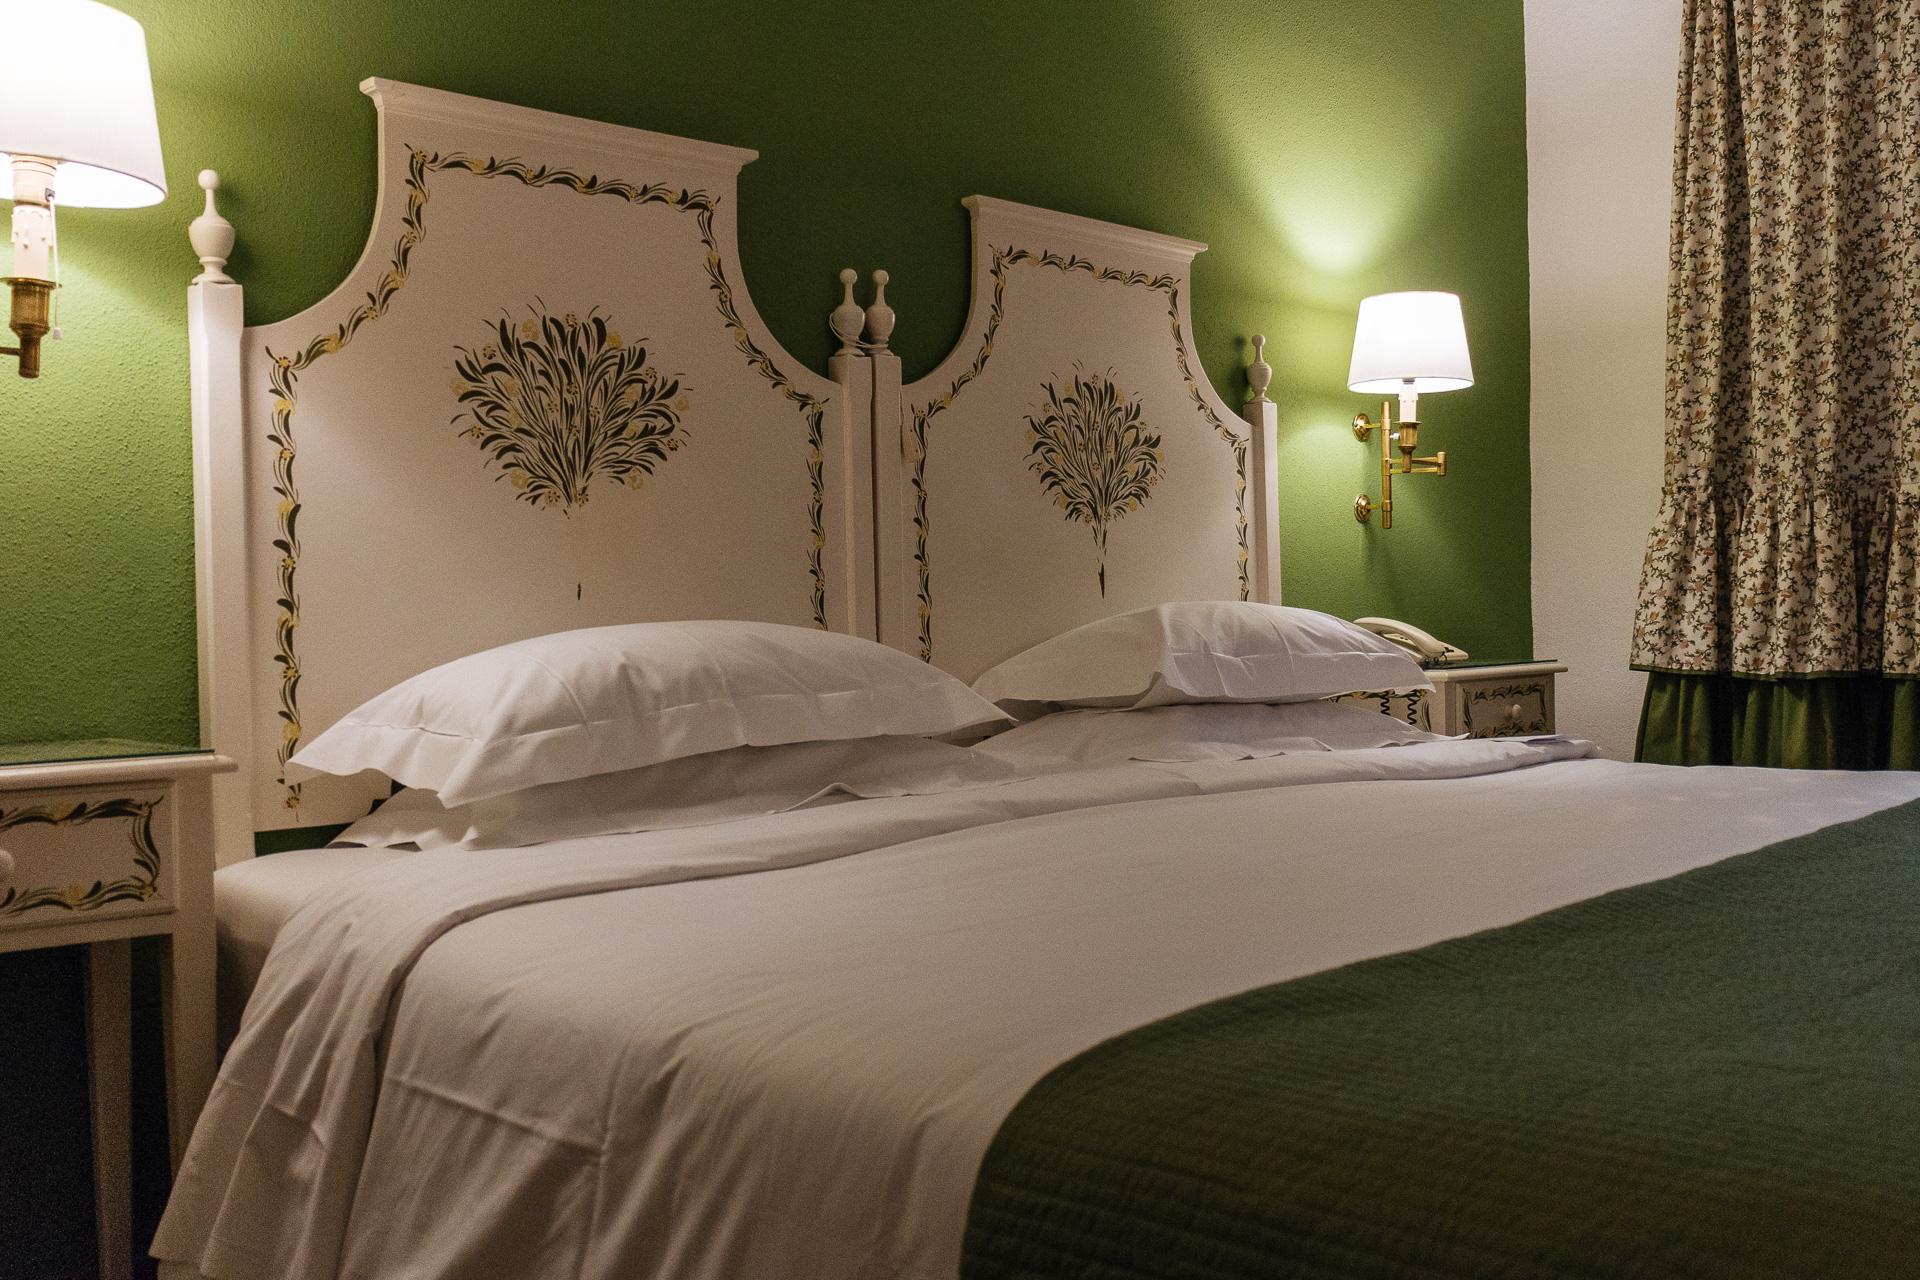 Alentejo le portugal en mode slow tourisme yummy planet for Chambre de dormir